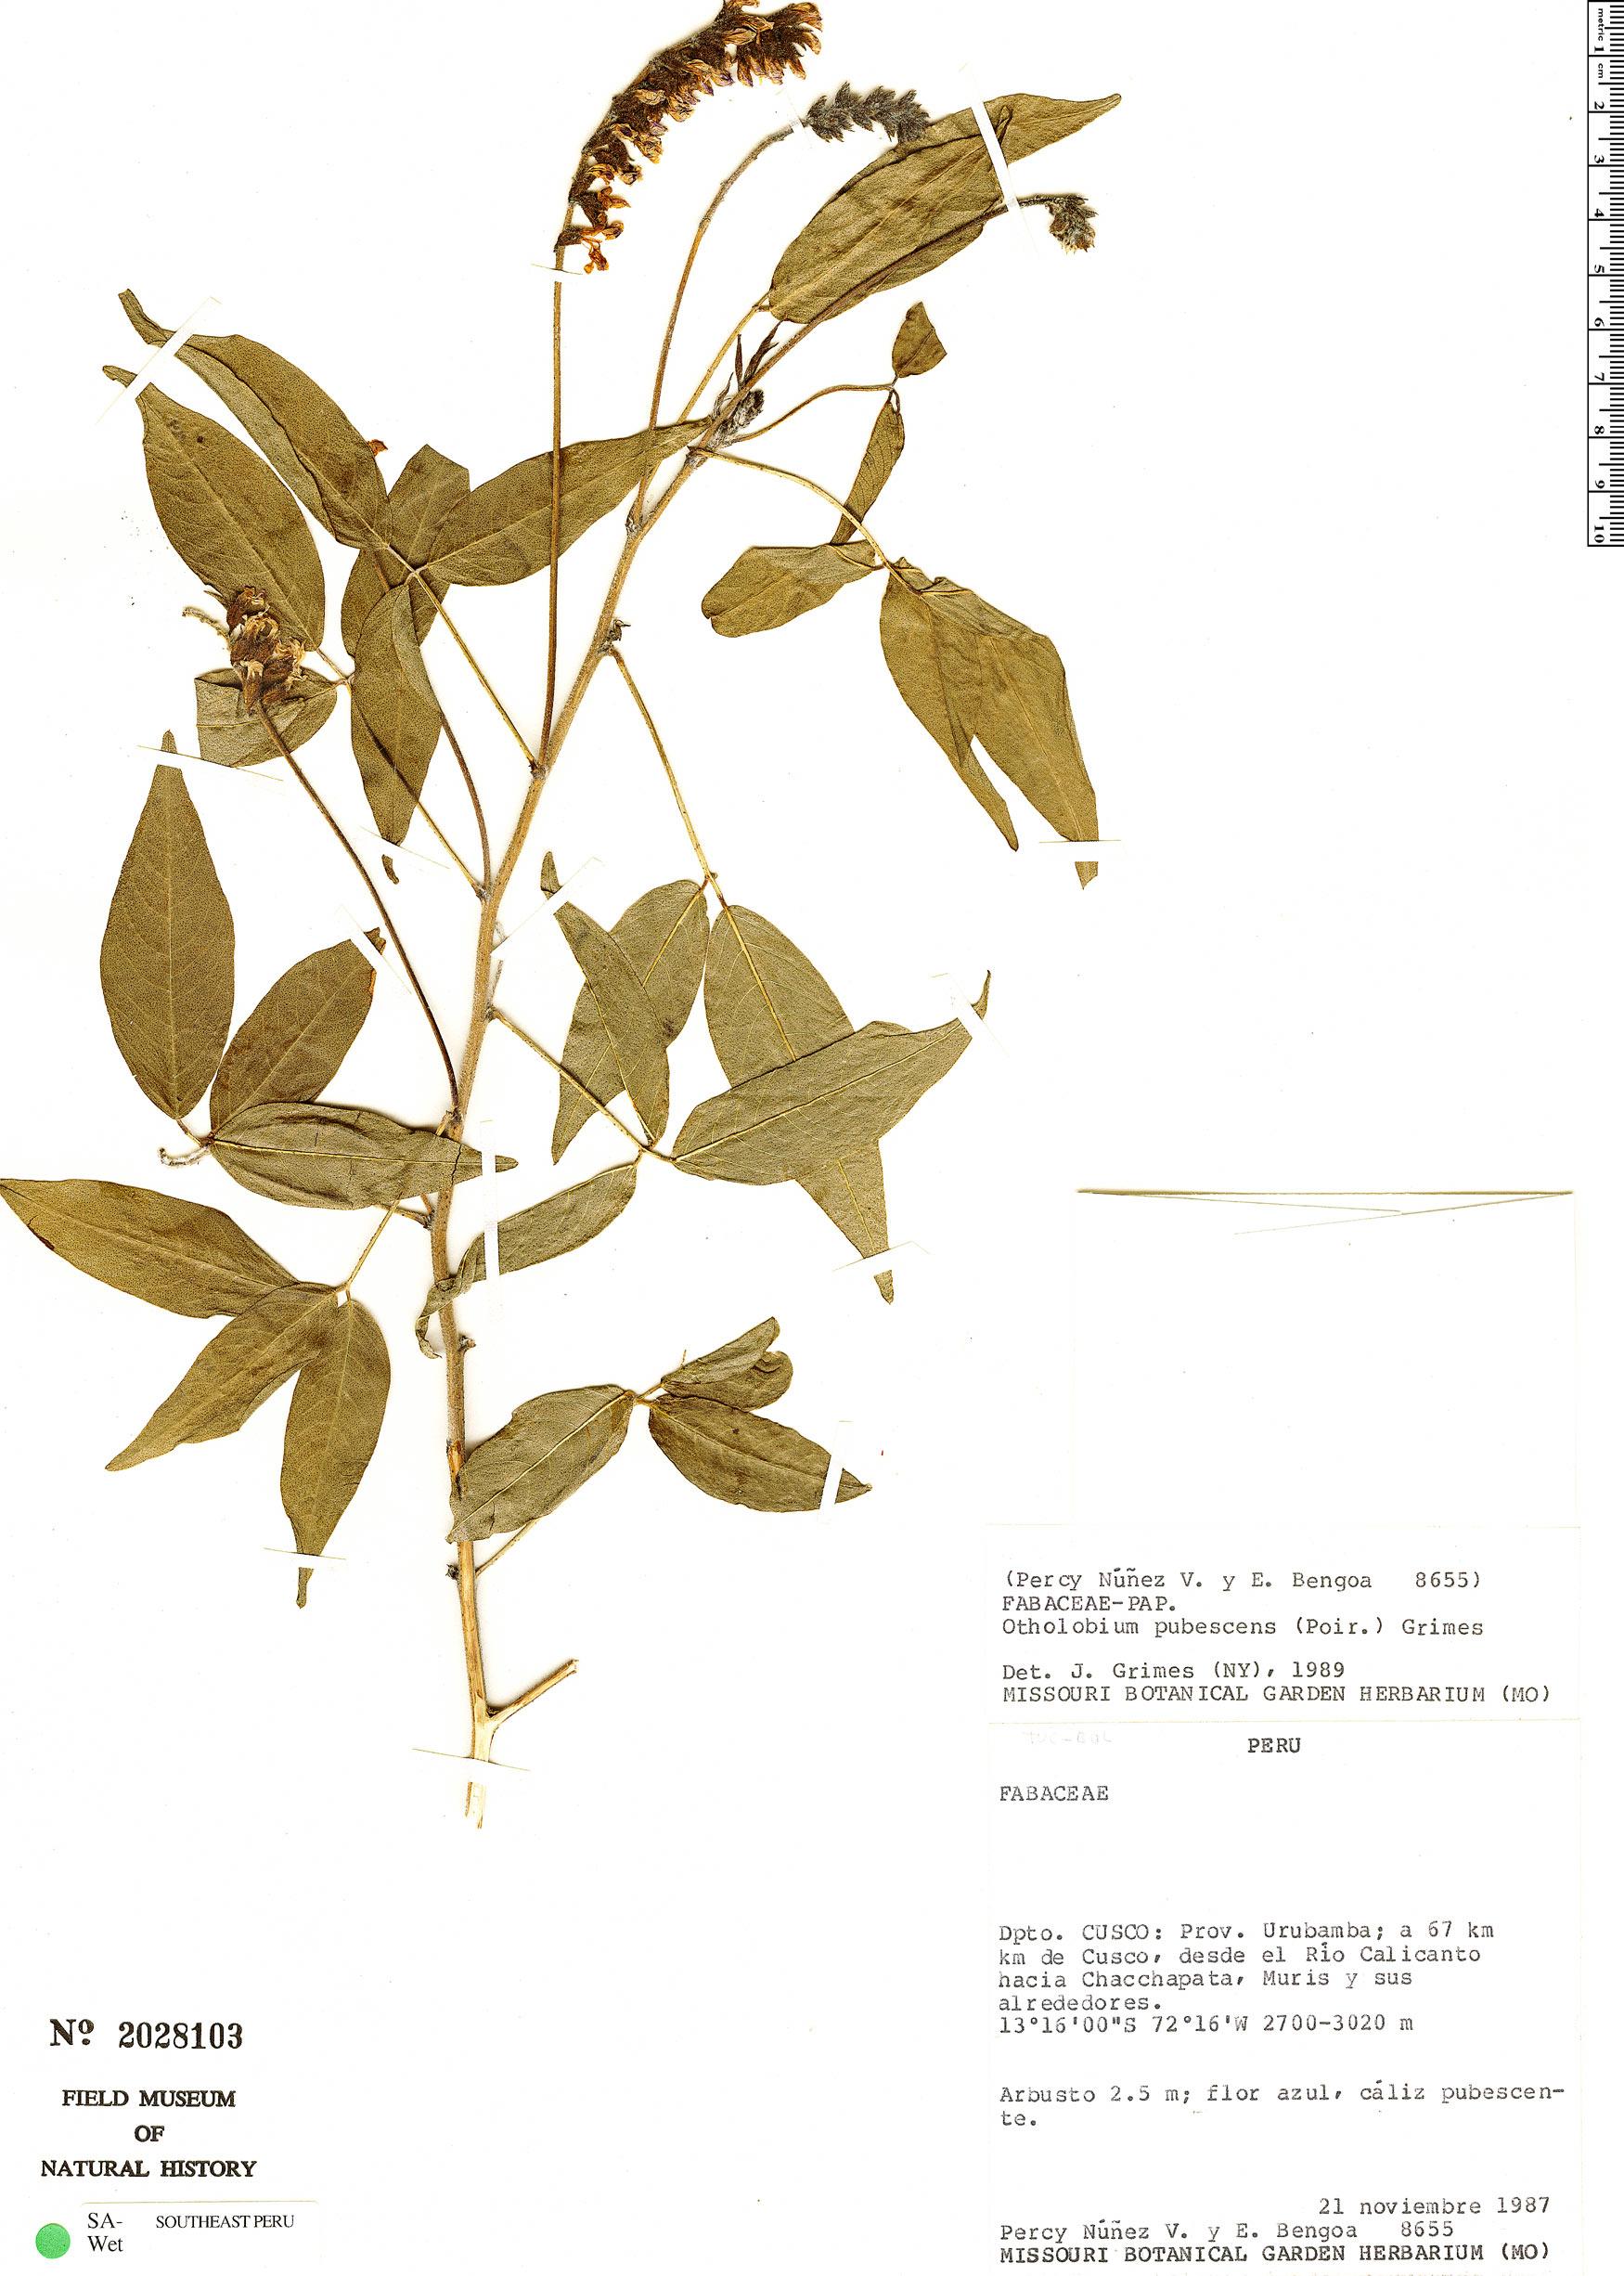 Specimen: Otholobium pubescens